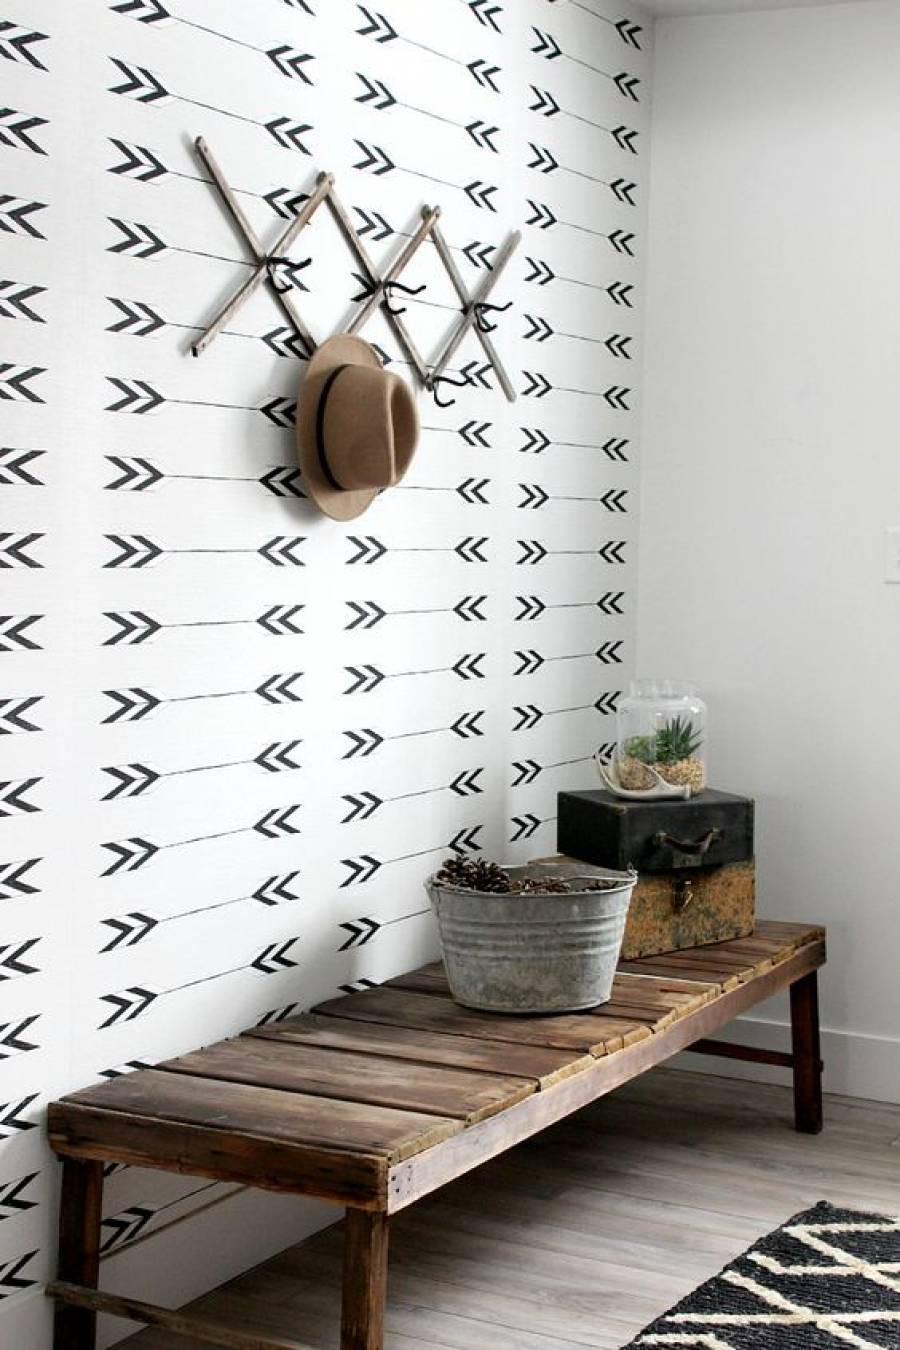 25 ý tưởng trang trí lối ra vào để không gian nhà ở của bạn thêm sống động, ấm áp - Ảnh 2.